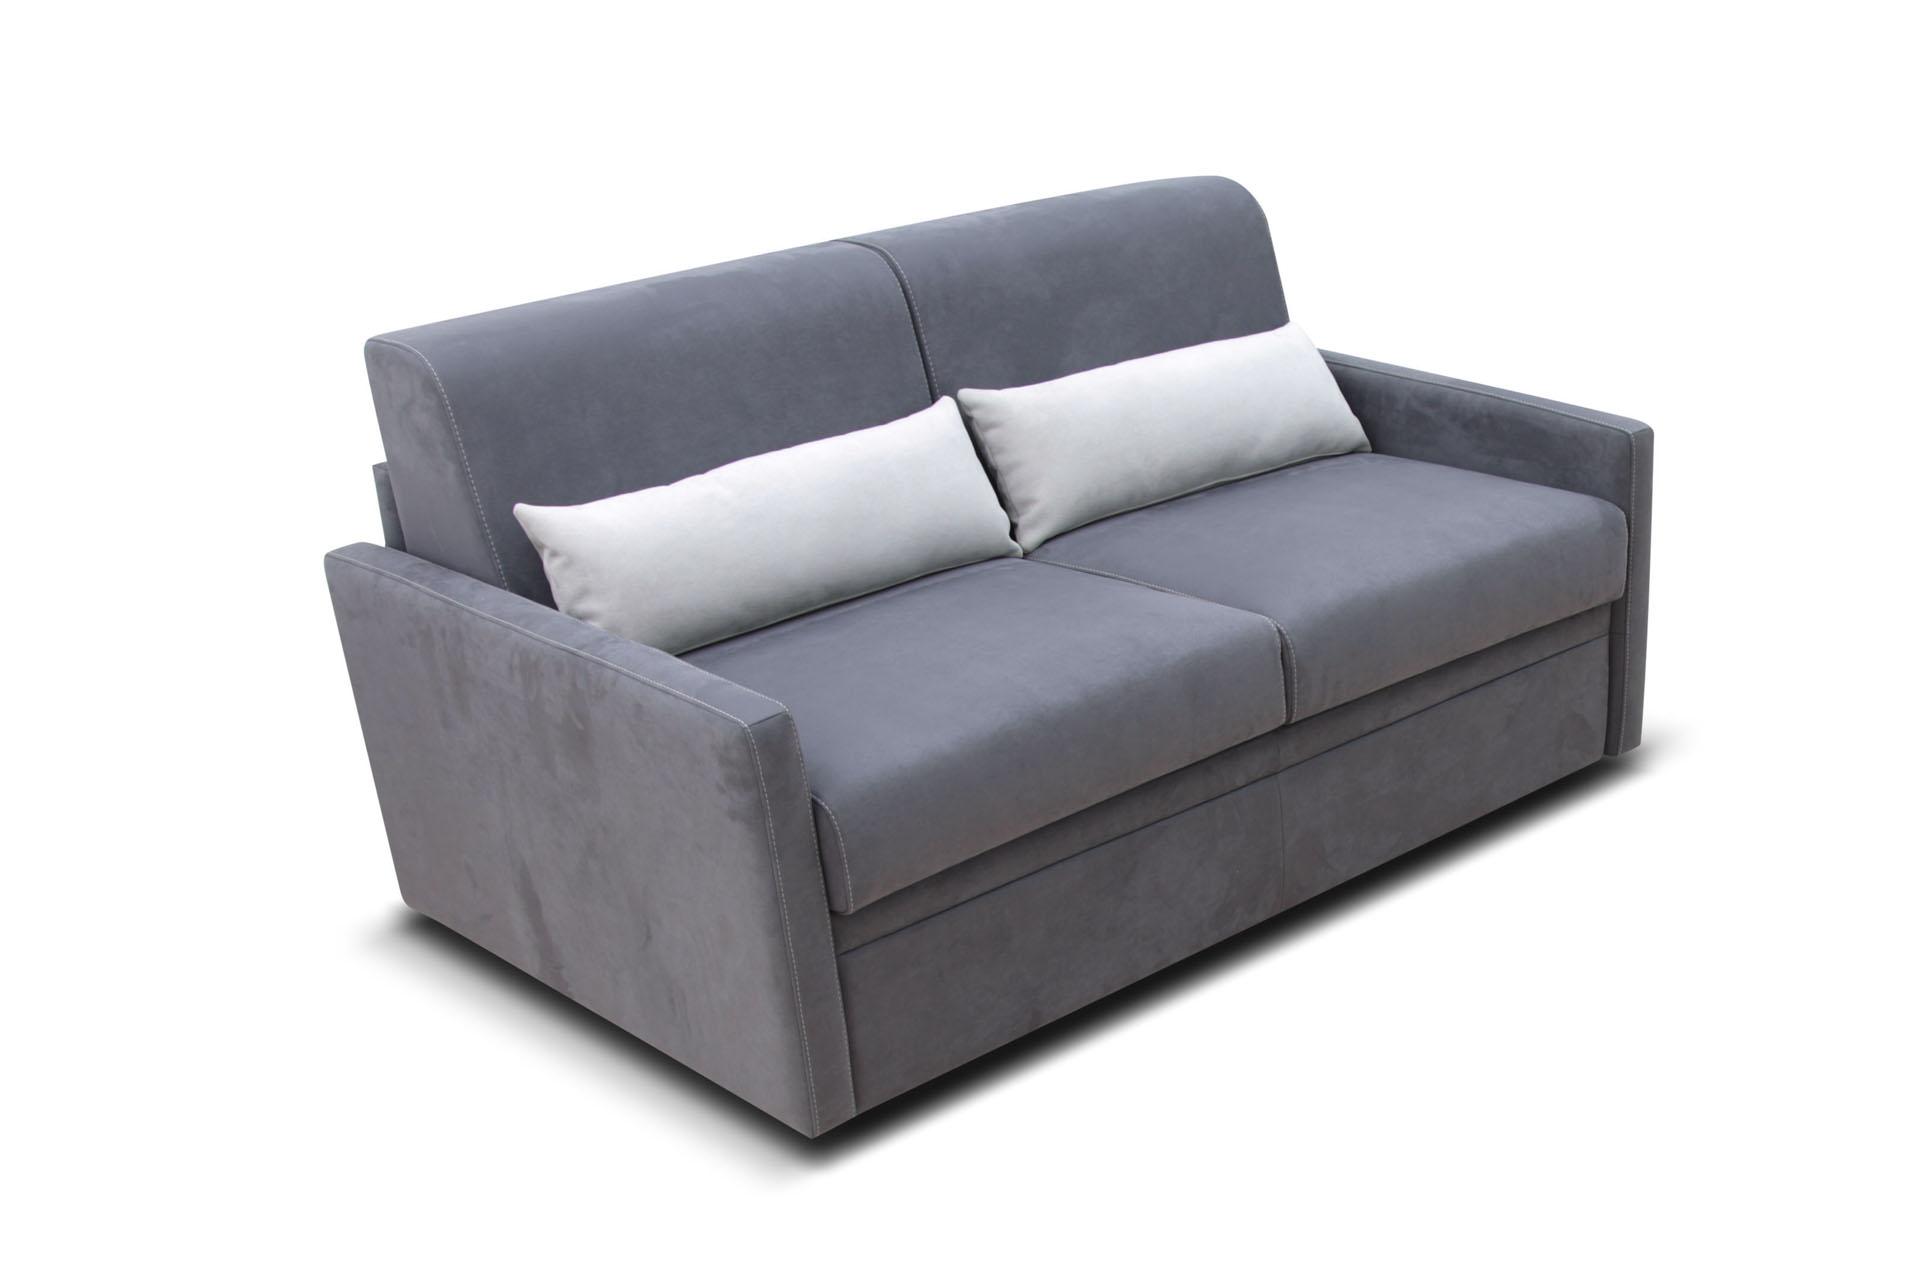 divano letto zaffiro slim - filo rosso divani store